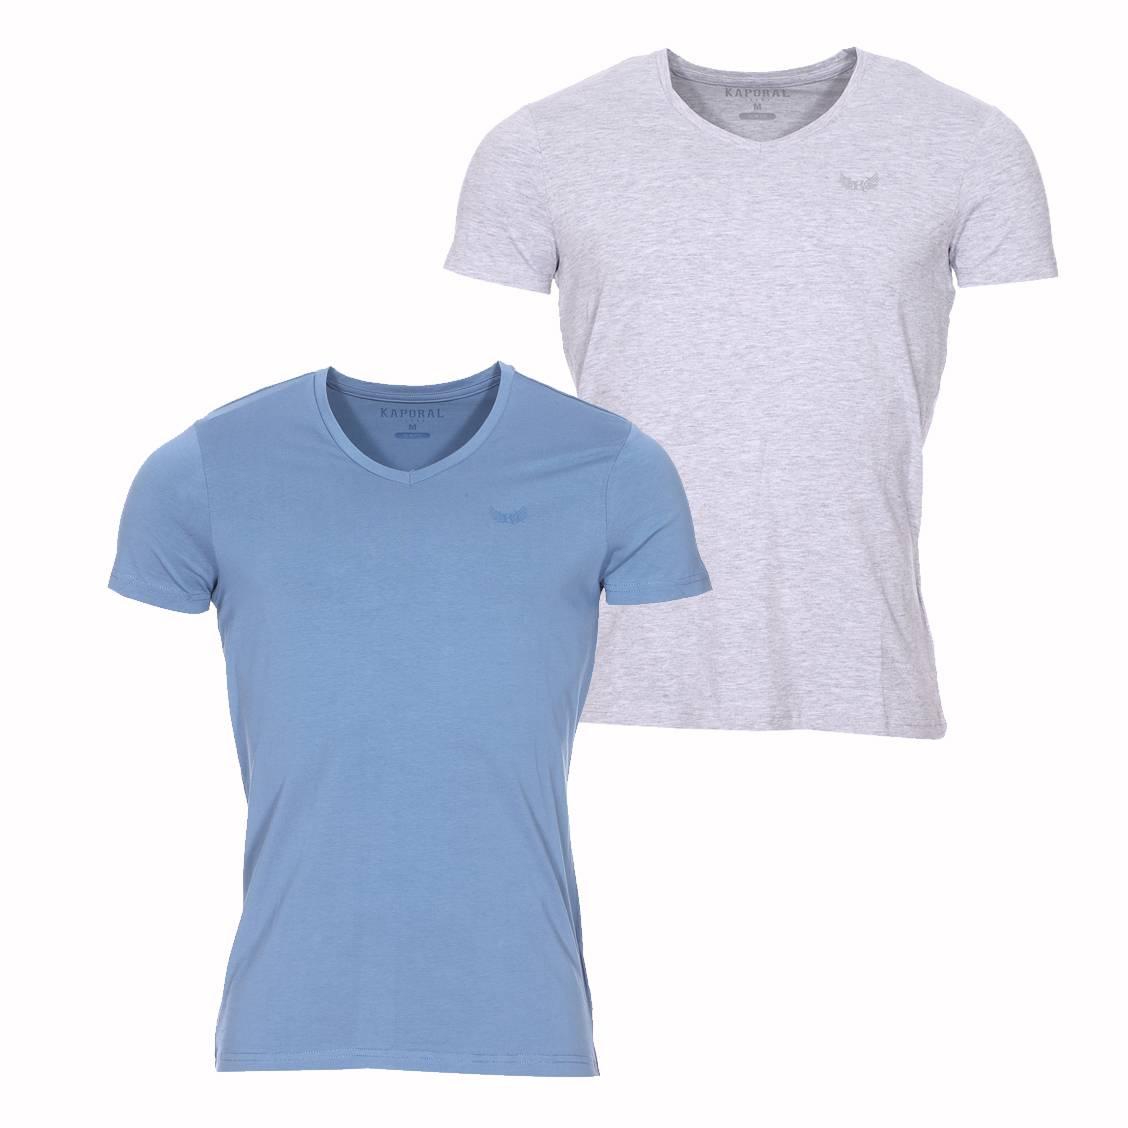 lot de 2 tee shirts col v kaporal bleu jean et gris chin. Black Bedroom Furniture Sets. Home Design Ideas